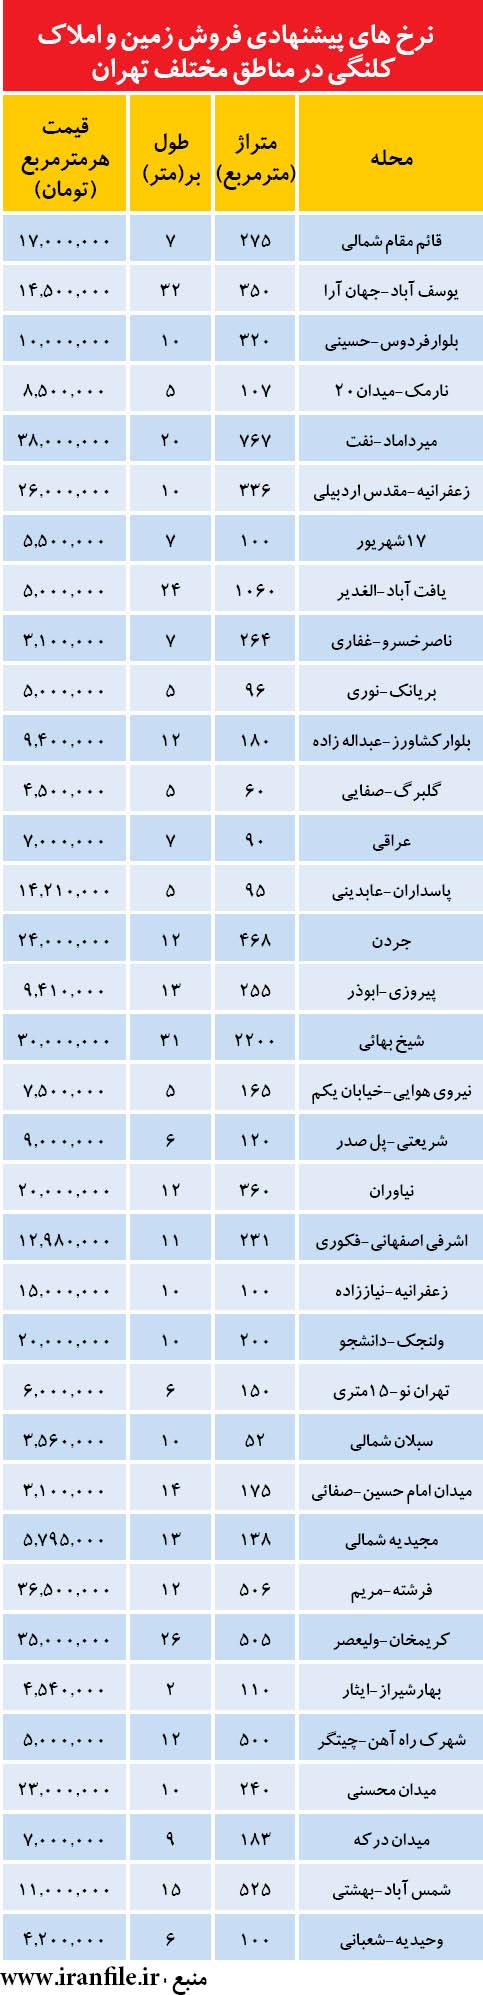 قيمت  زمين و  ملك   كلنگي  در  تهران / جدول